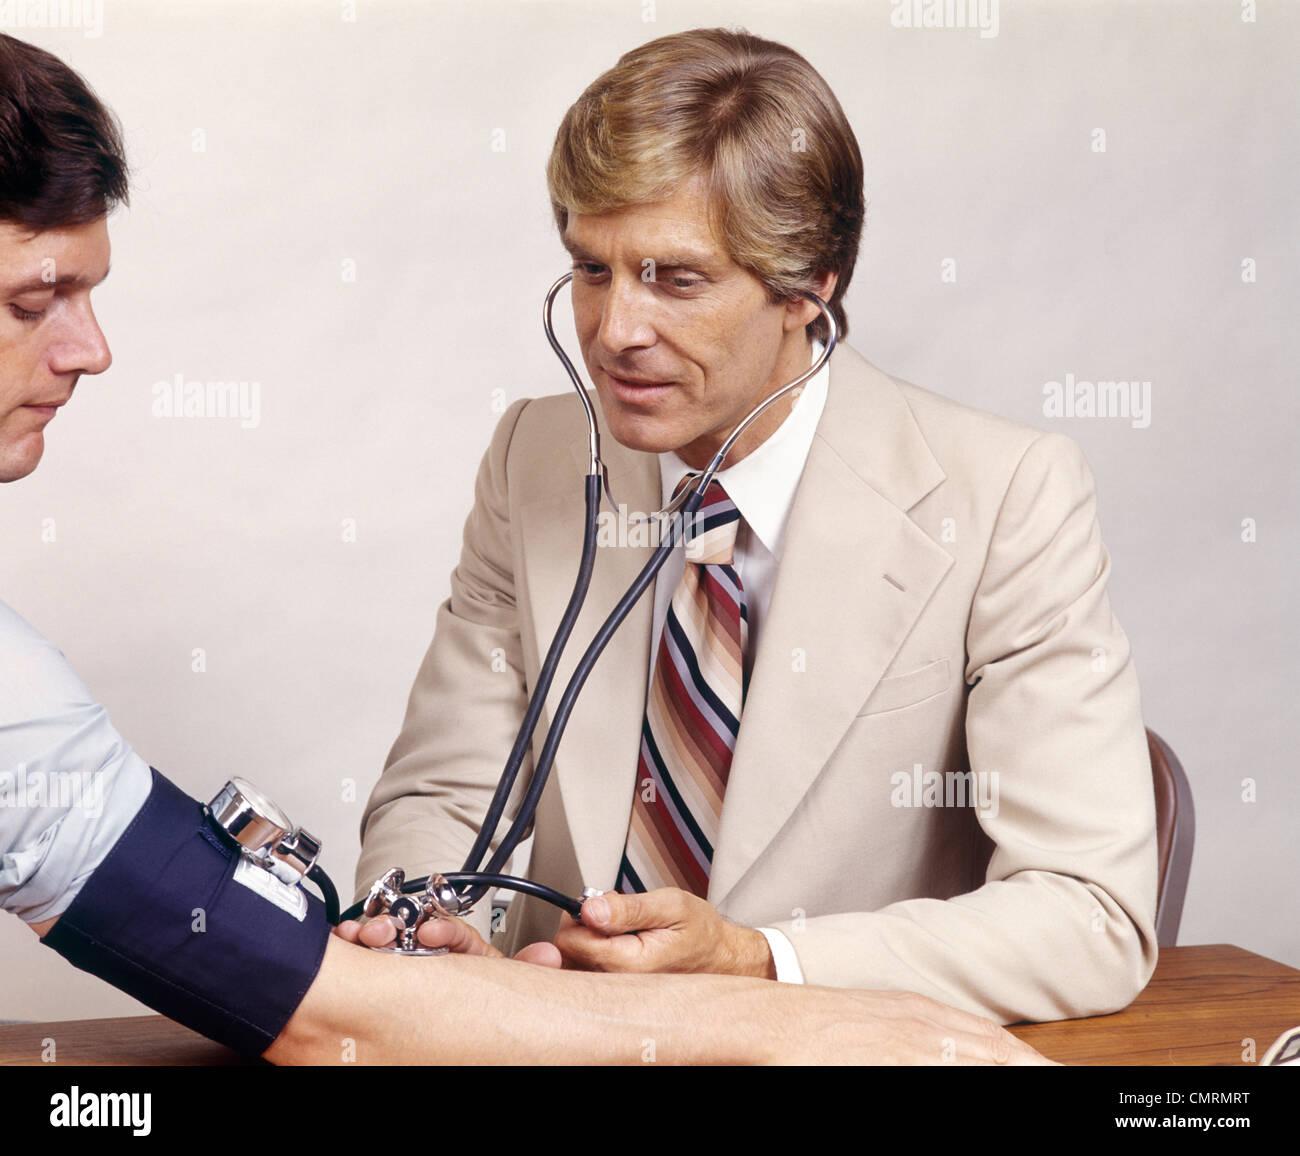 1970 1970 RETRO homme médecin stéthoscope pour vérifier à l'aide de la pression artérielle Photo Stock